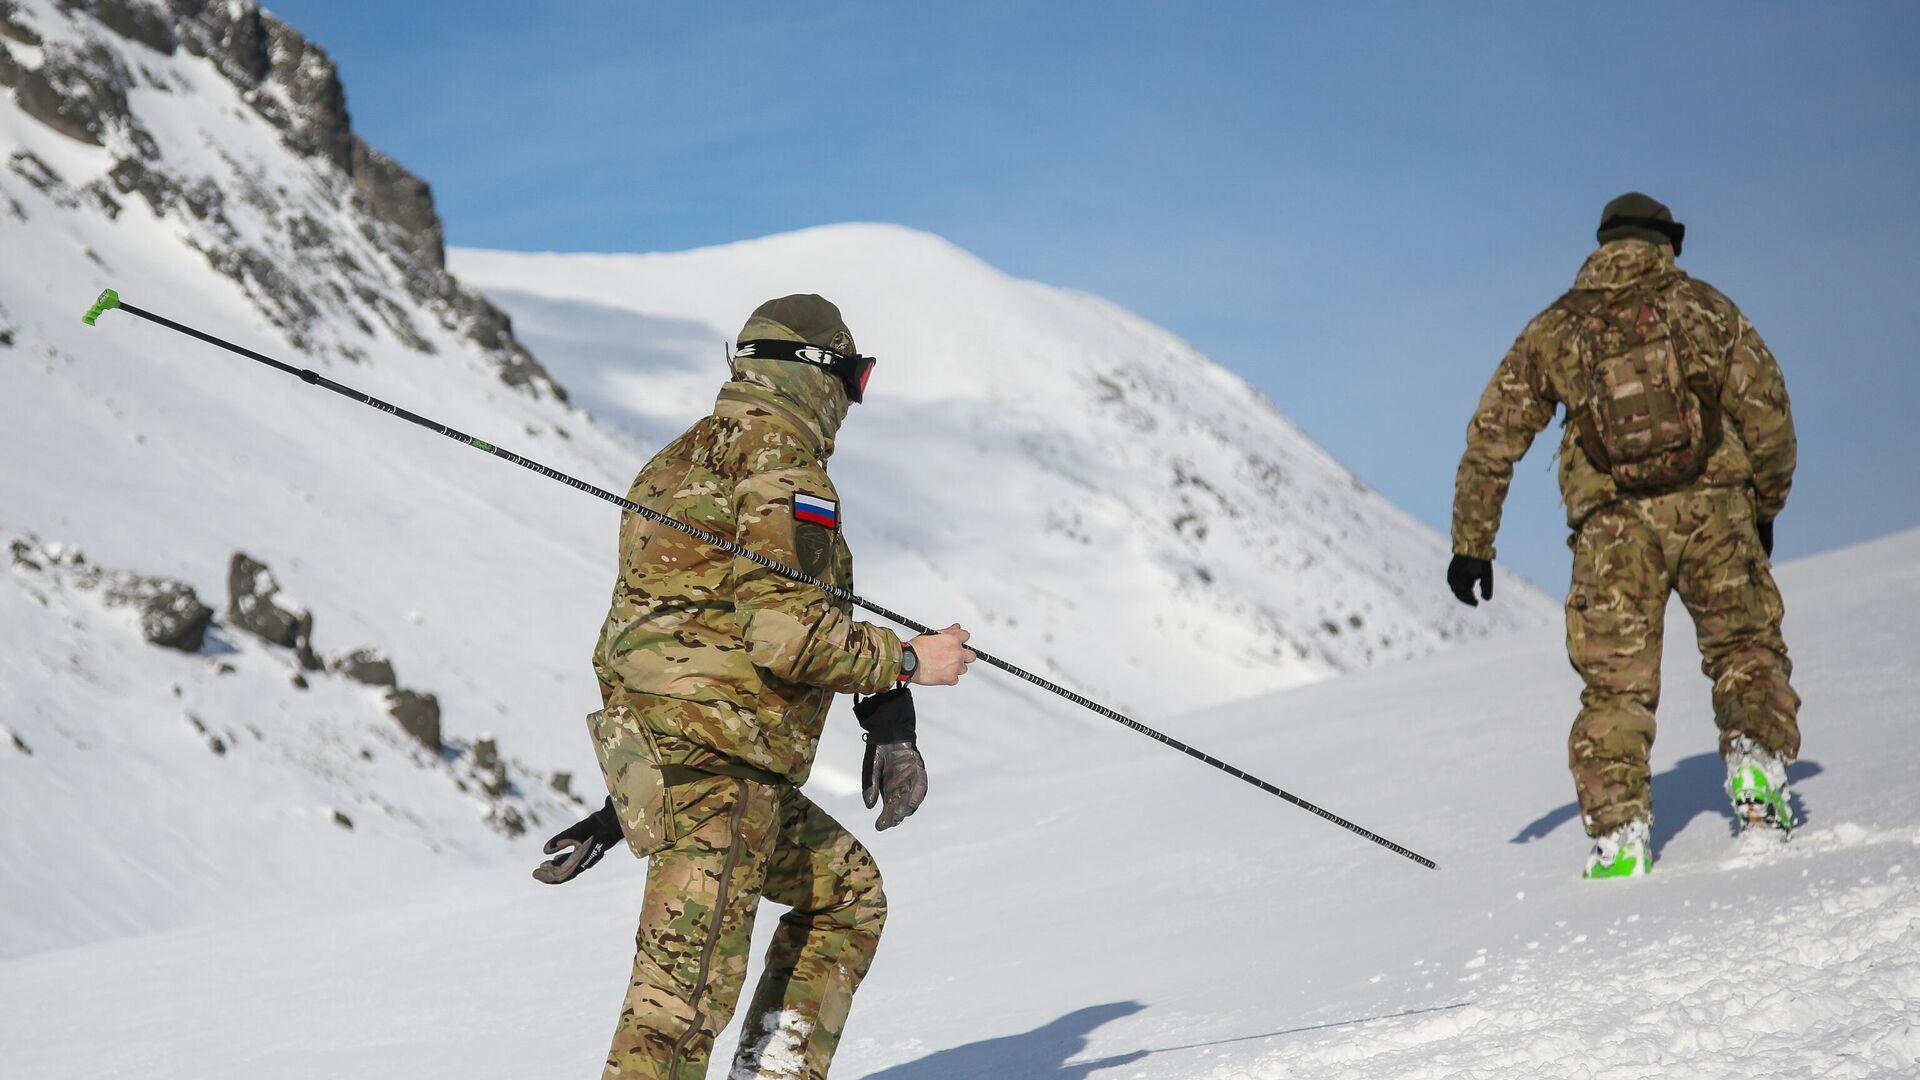 Военнослужащие подразделения Росгвардии во время занятий по горной подготовке в Хибинских горах - РИА Новости, 1920, 25.03.2021